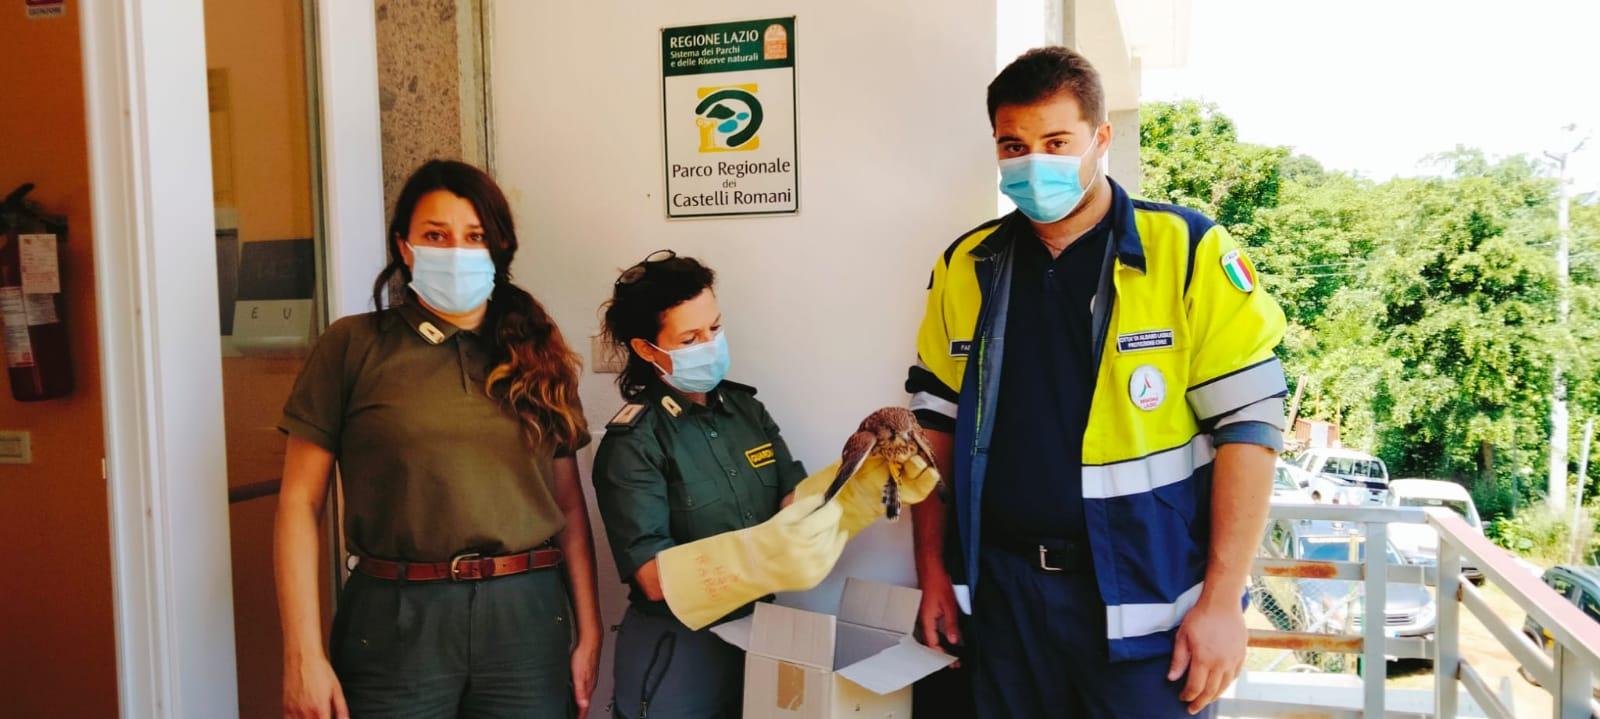 protezione civile guardaparco